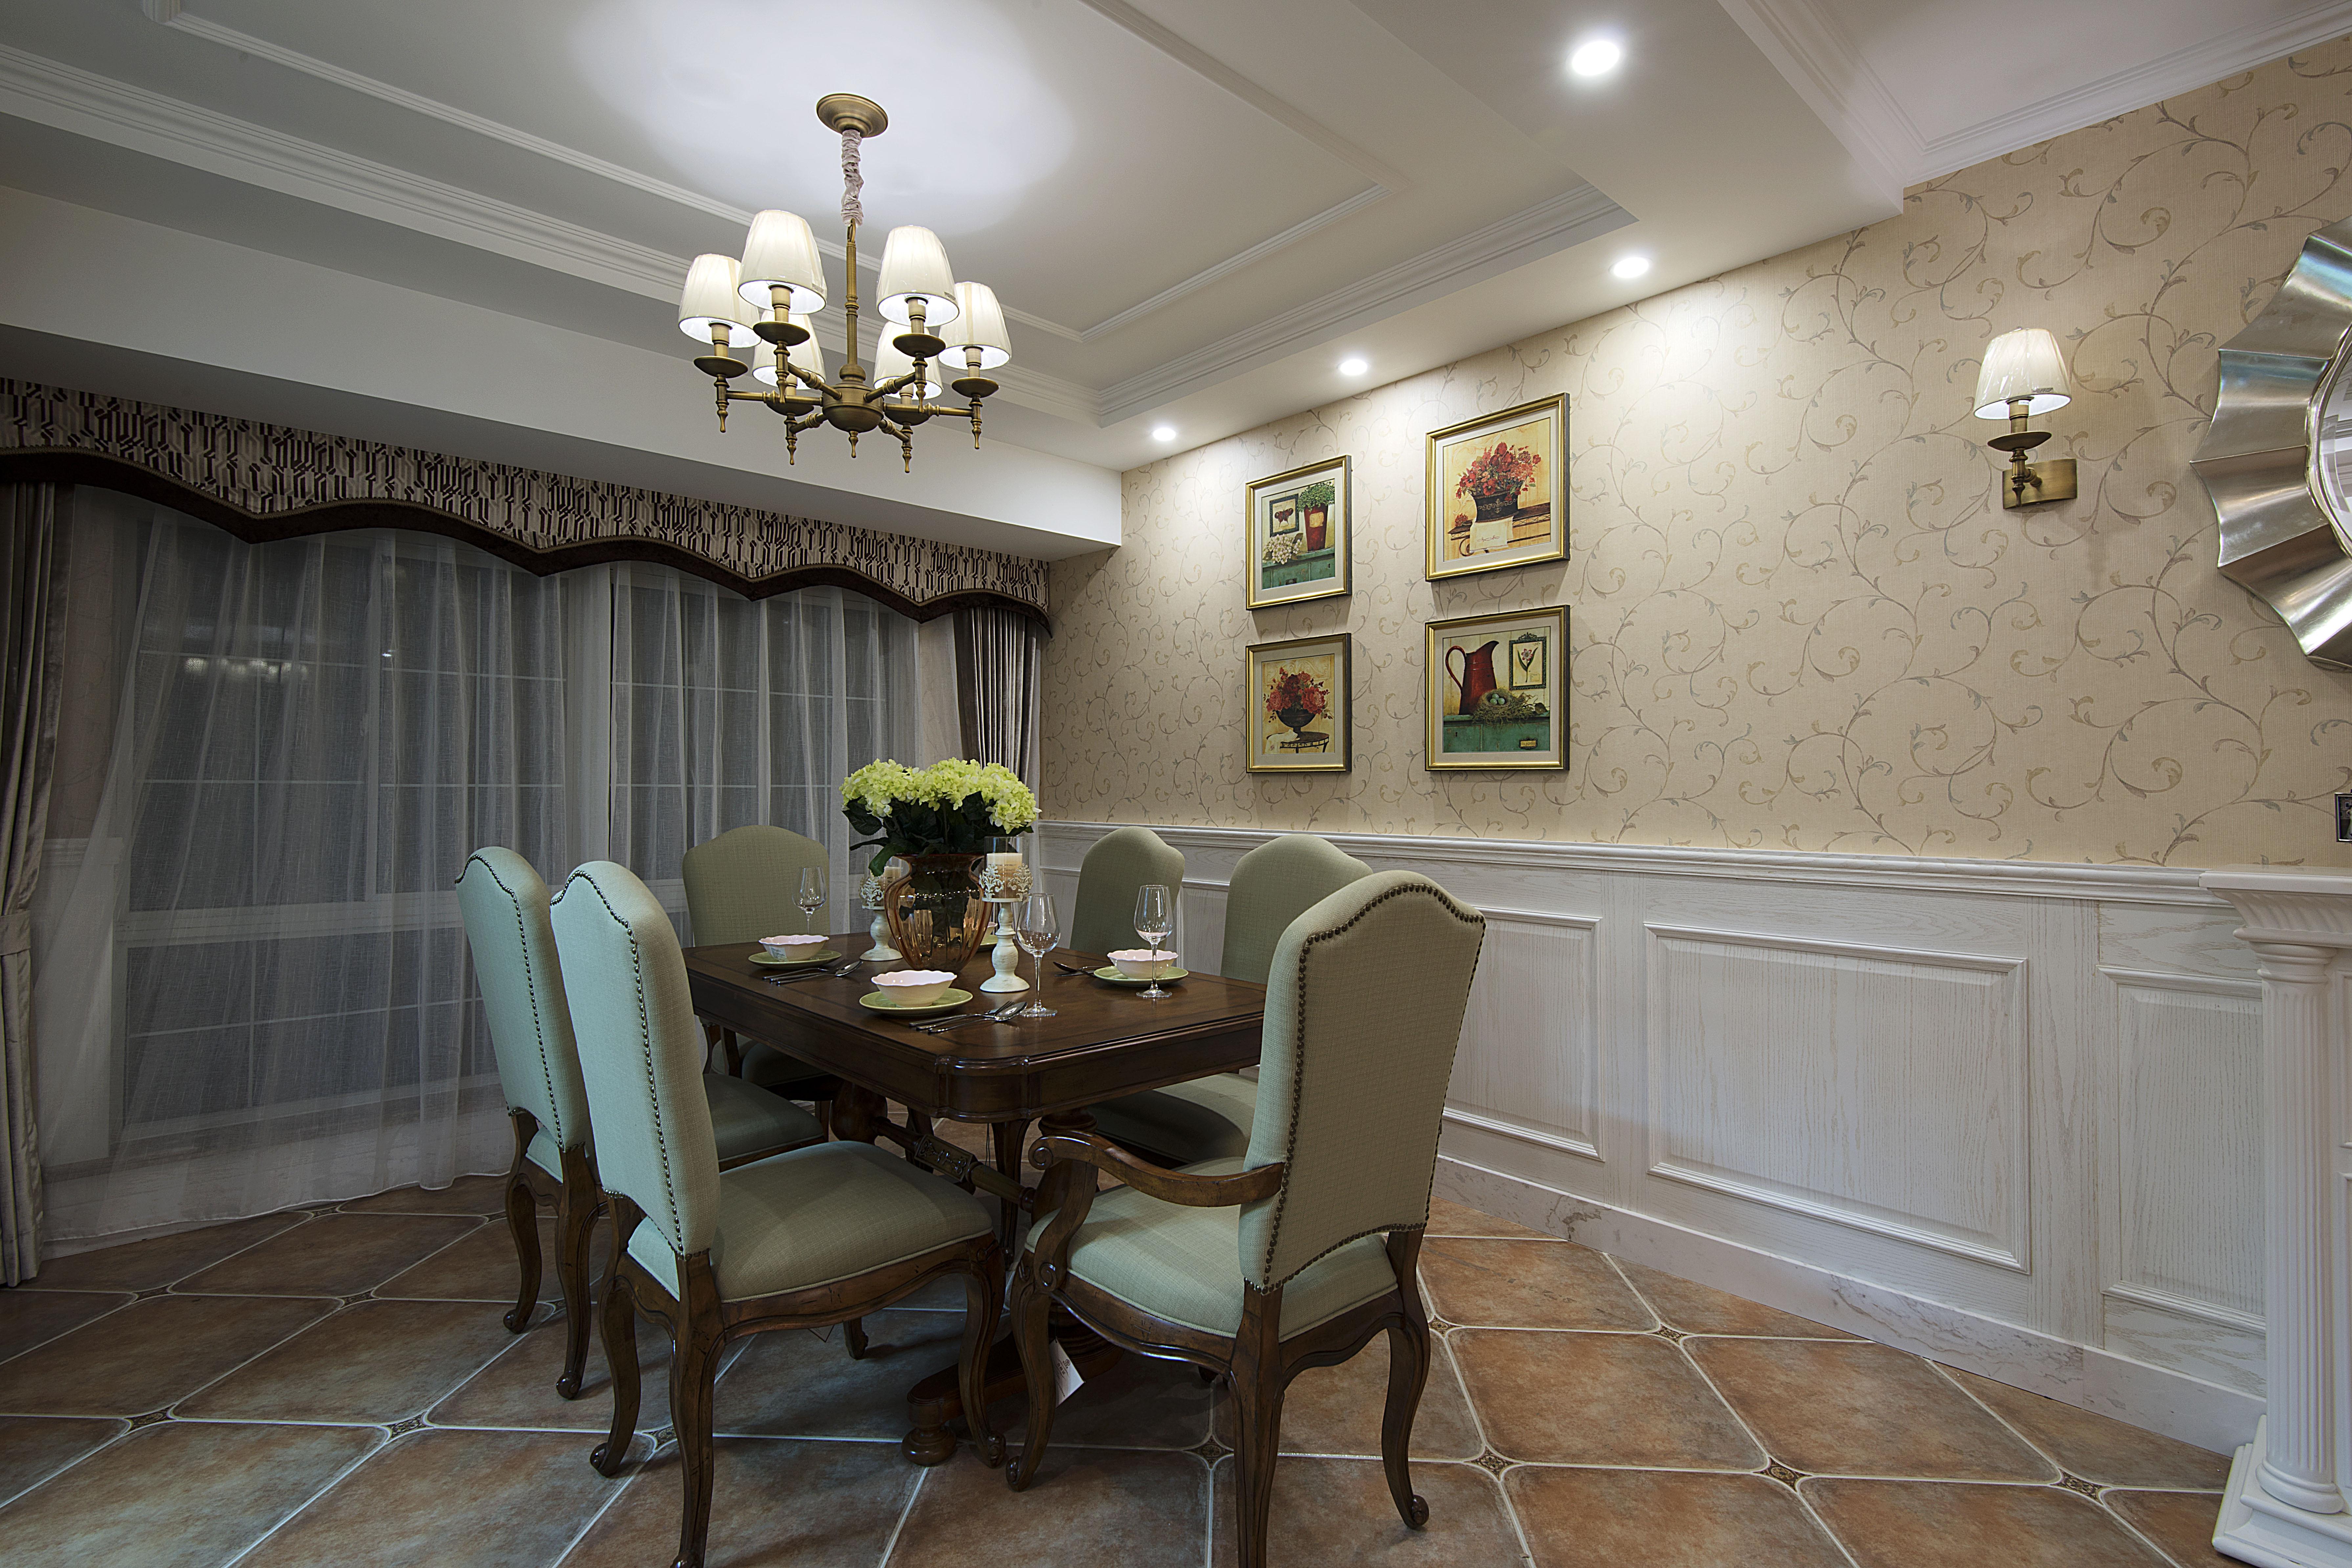 美式风格别墅设计餐厅布置图